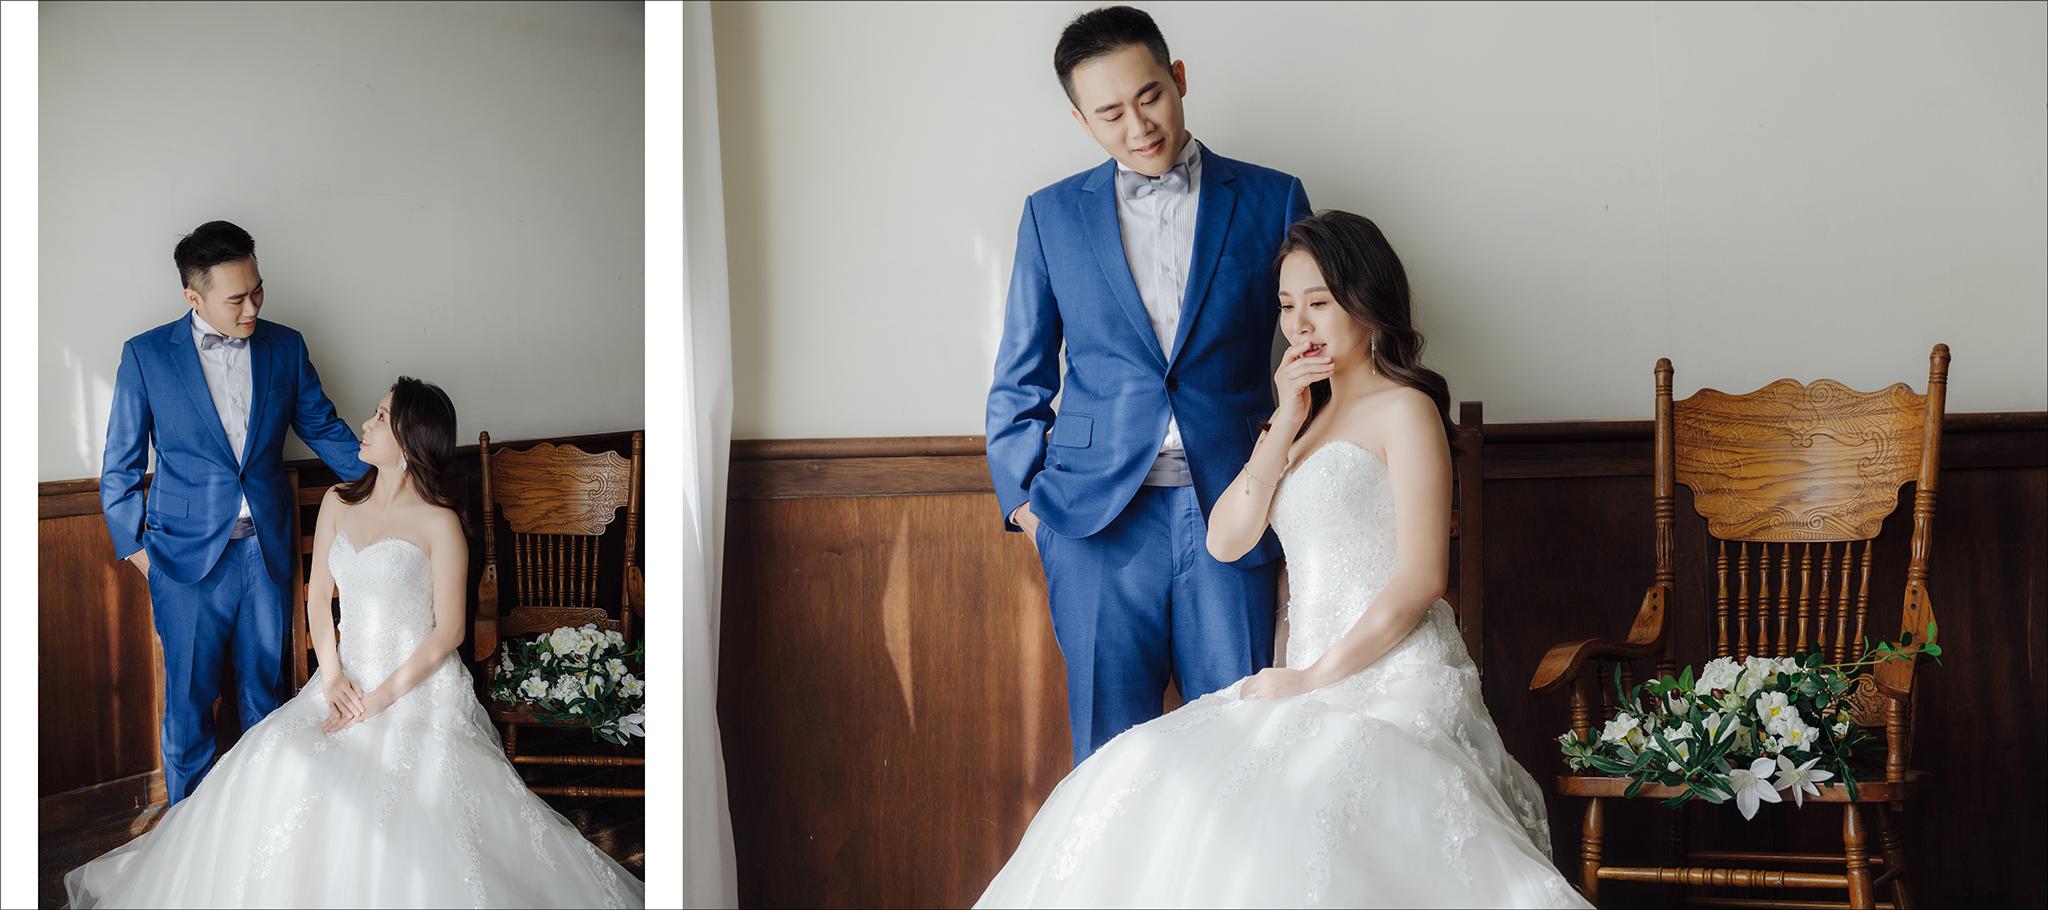 49599525367 254accb204 o - 【自助婚紗】+啟安&虹虹+